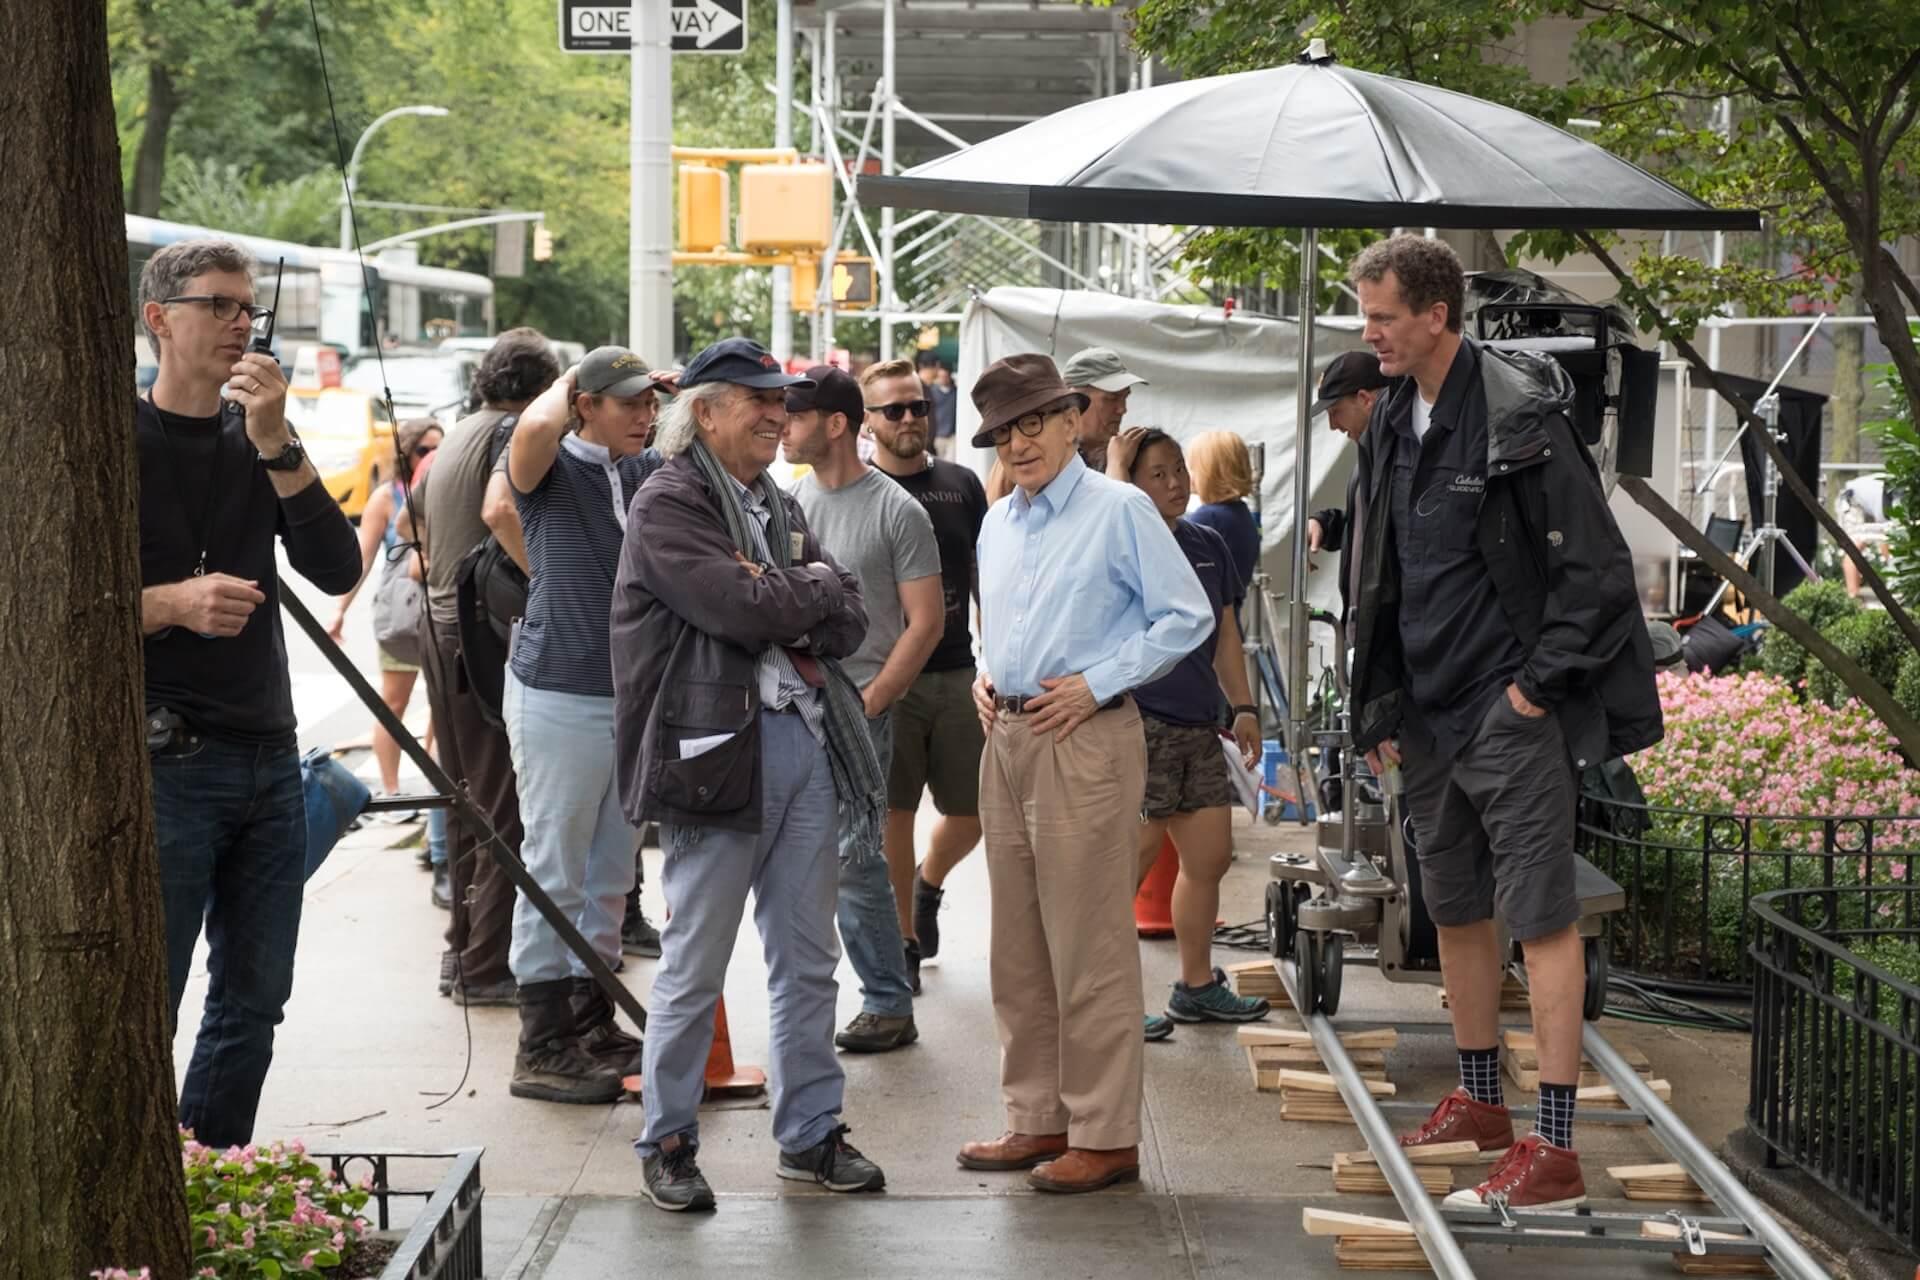 ウディ・アレン「雨は、ロマンスや愛を象徴している」『レイニーデイ・イン・ニューヨーク』監督インタビューが到着! film200701_rainy_day_in_ny_interview_05